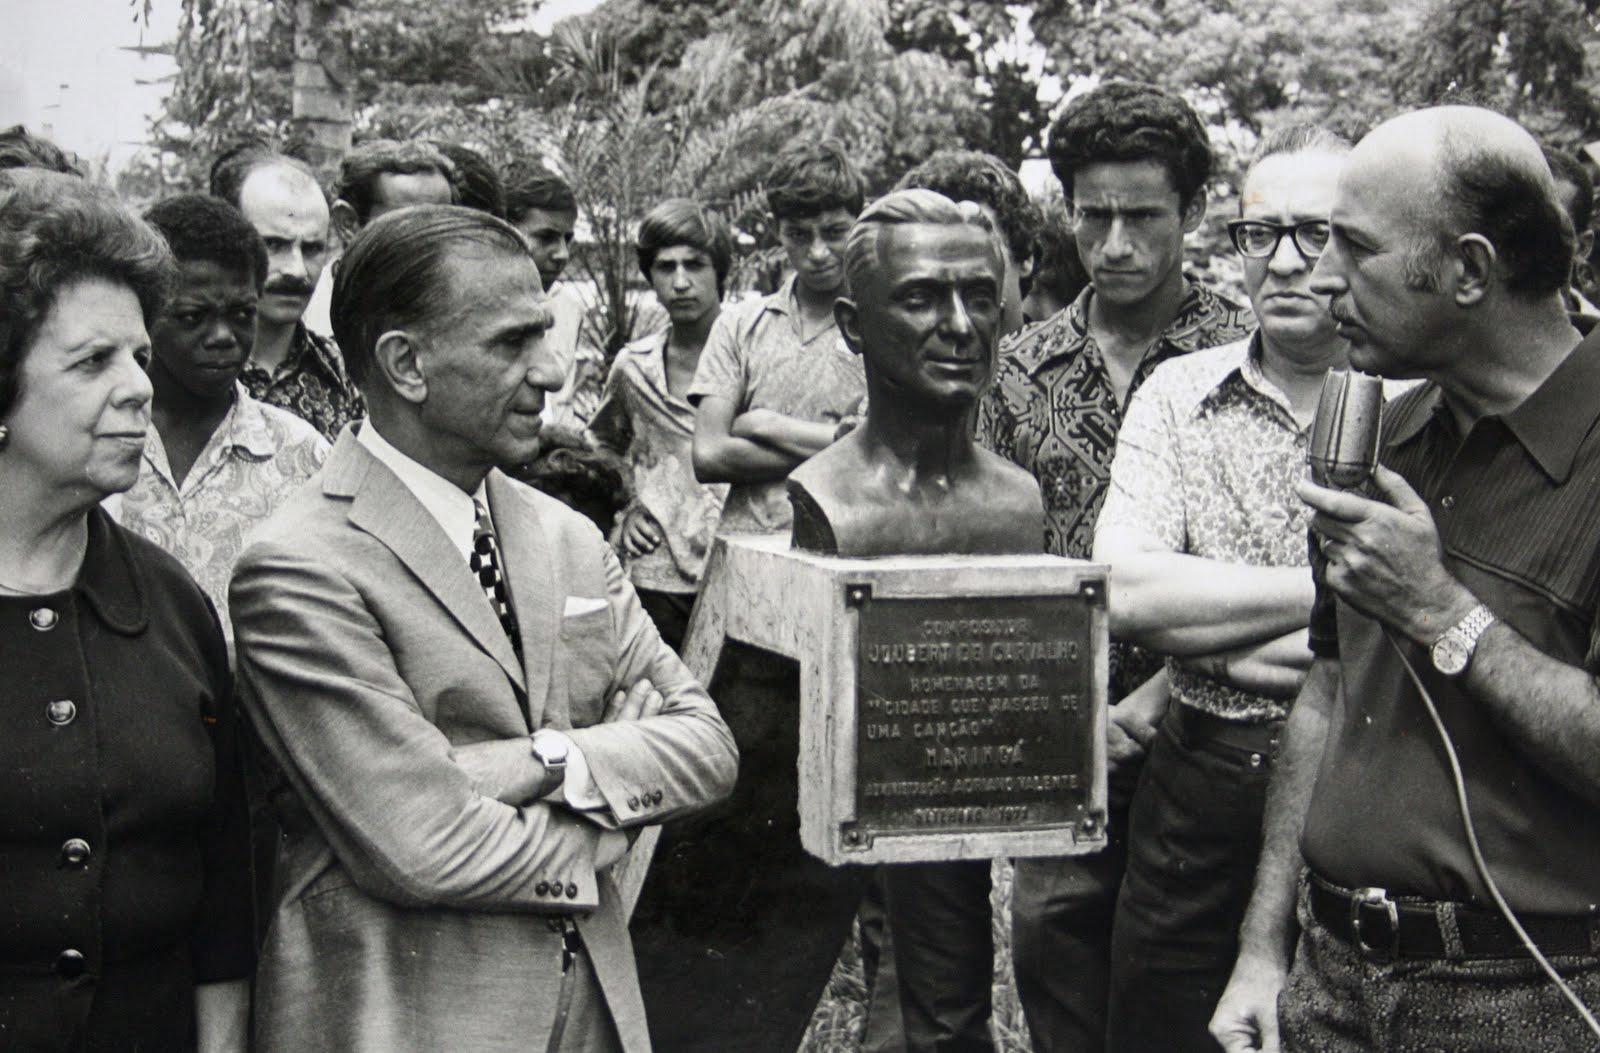 Maringá Histórica: Inauguração do Busto de Joubert de Carvalho - 1972